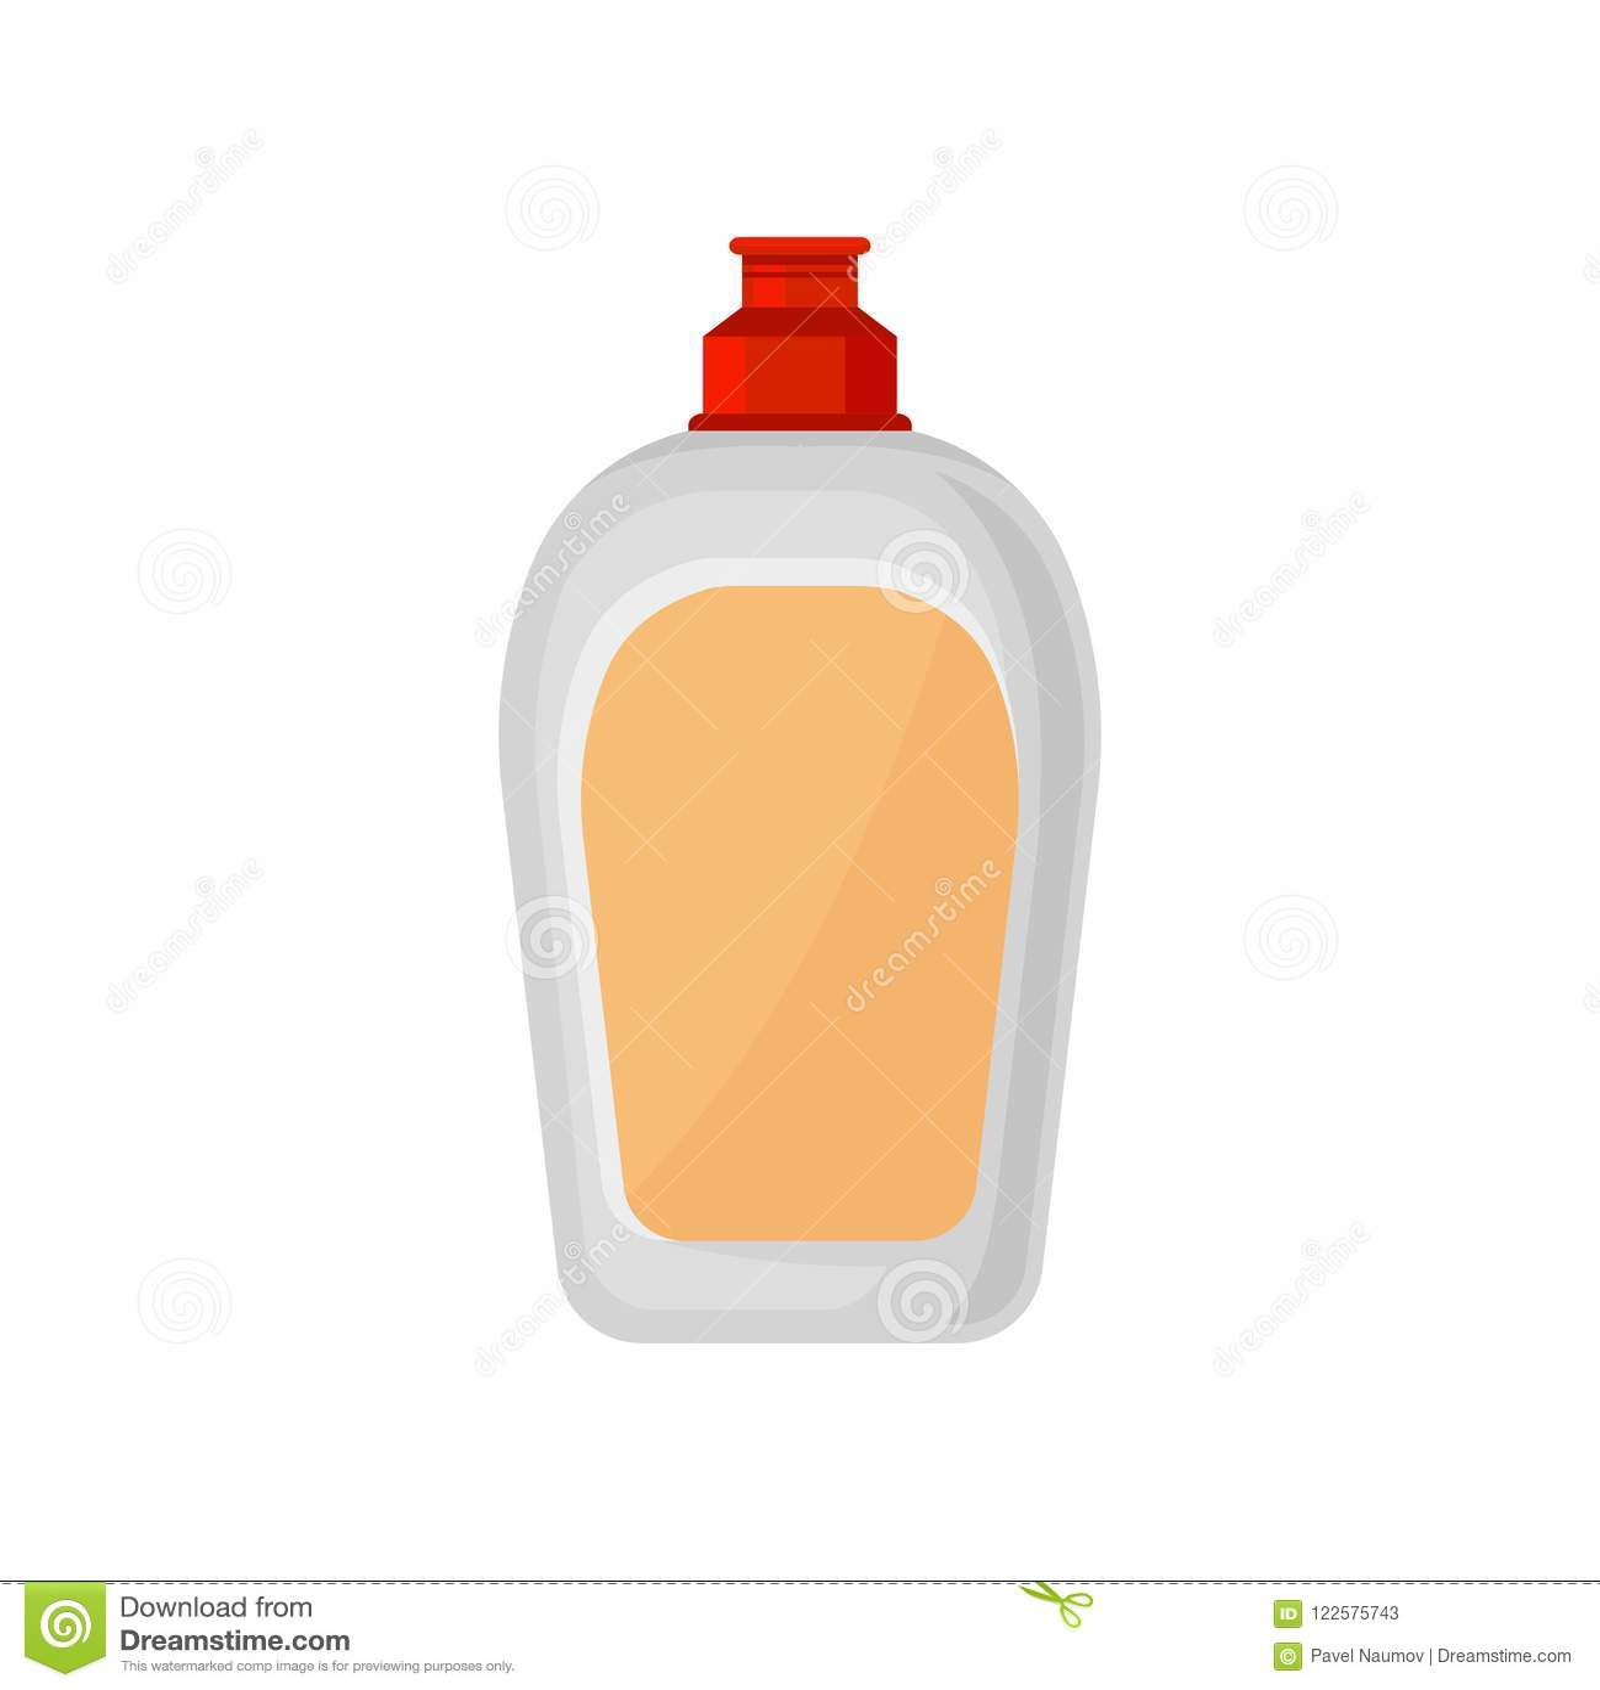 洗碗盘行为液体的,清洗化学制品容器在白色的家庭塑料瓶传染媒介例证